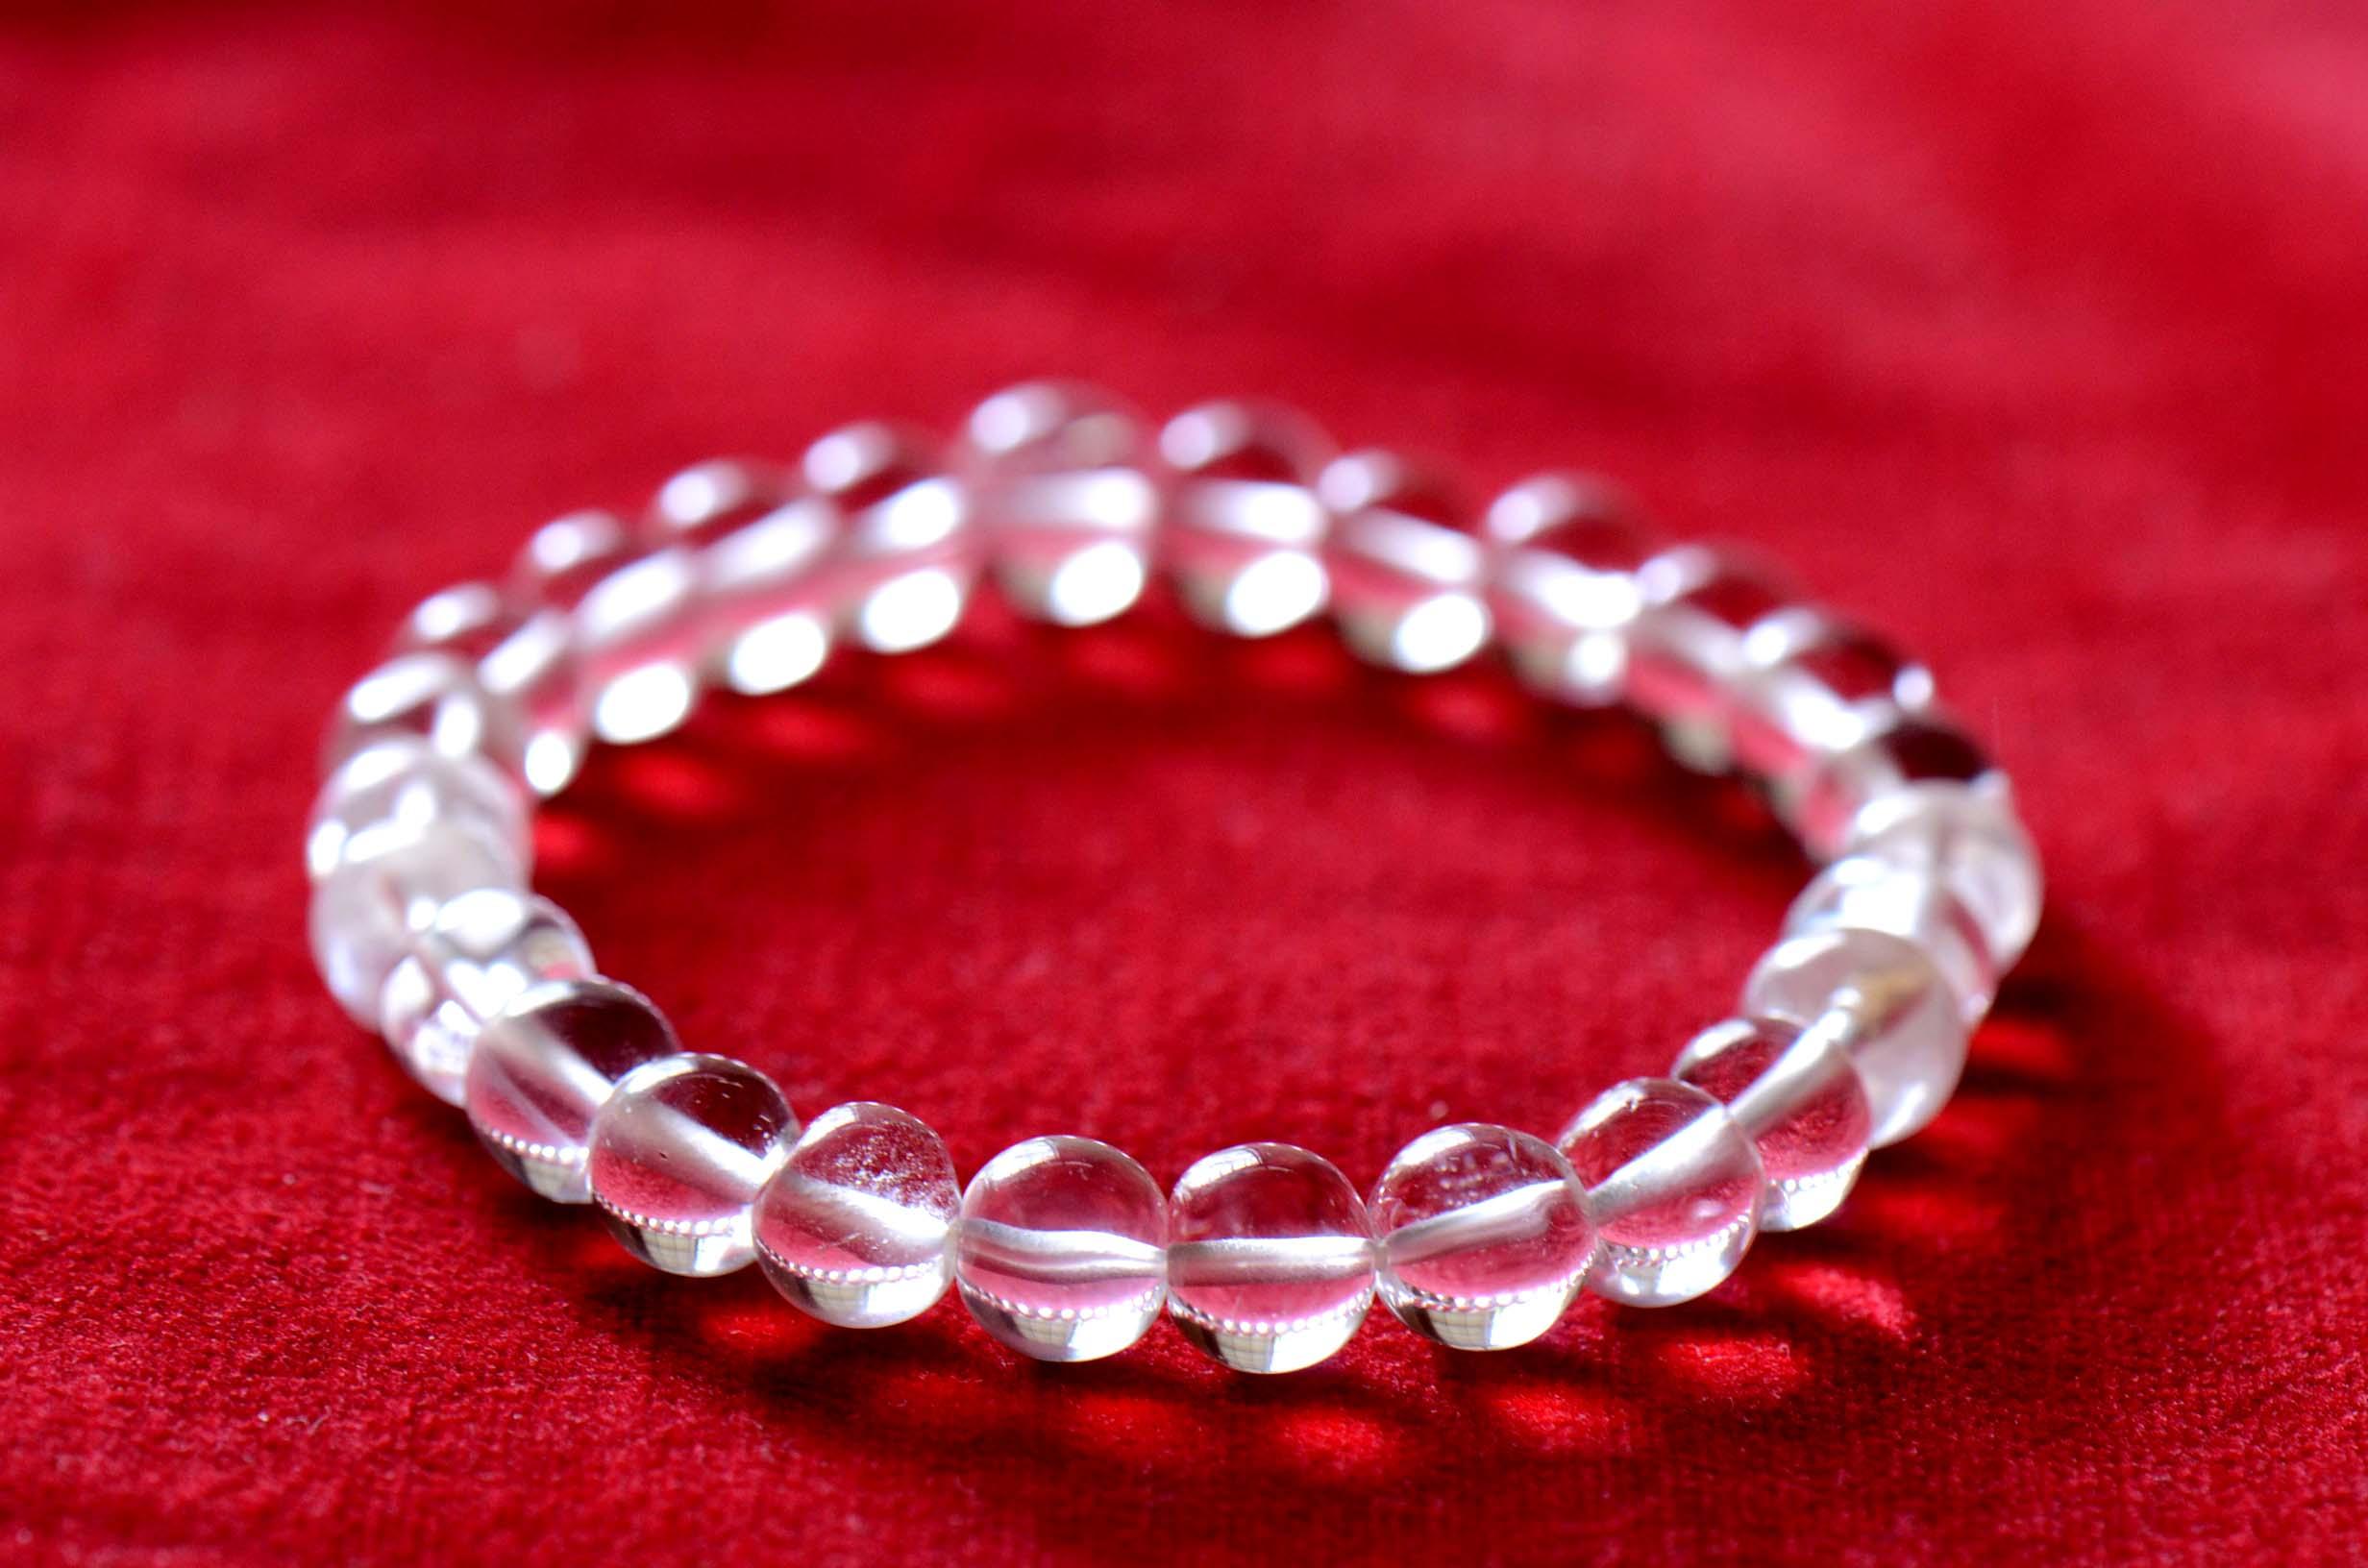 ガネーシュヒマール 水晶 数珠 ヒマラヤ